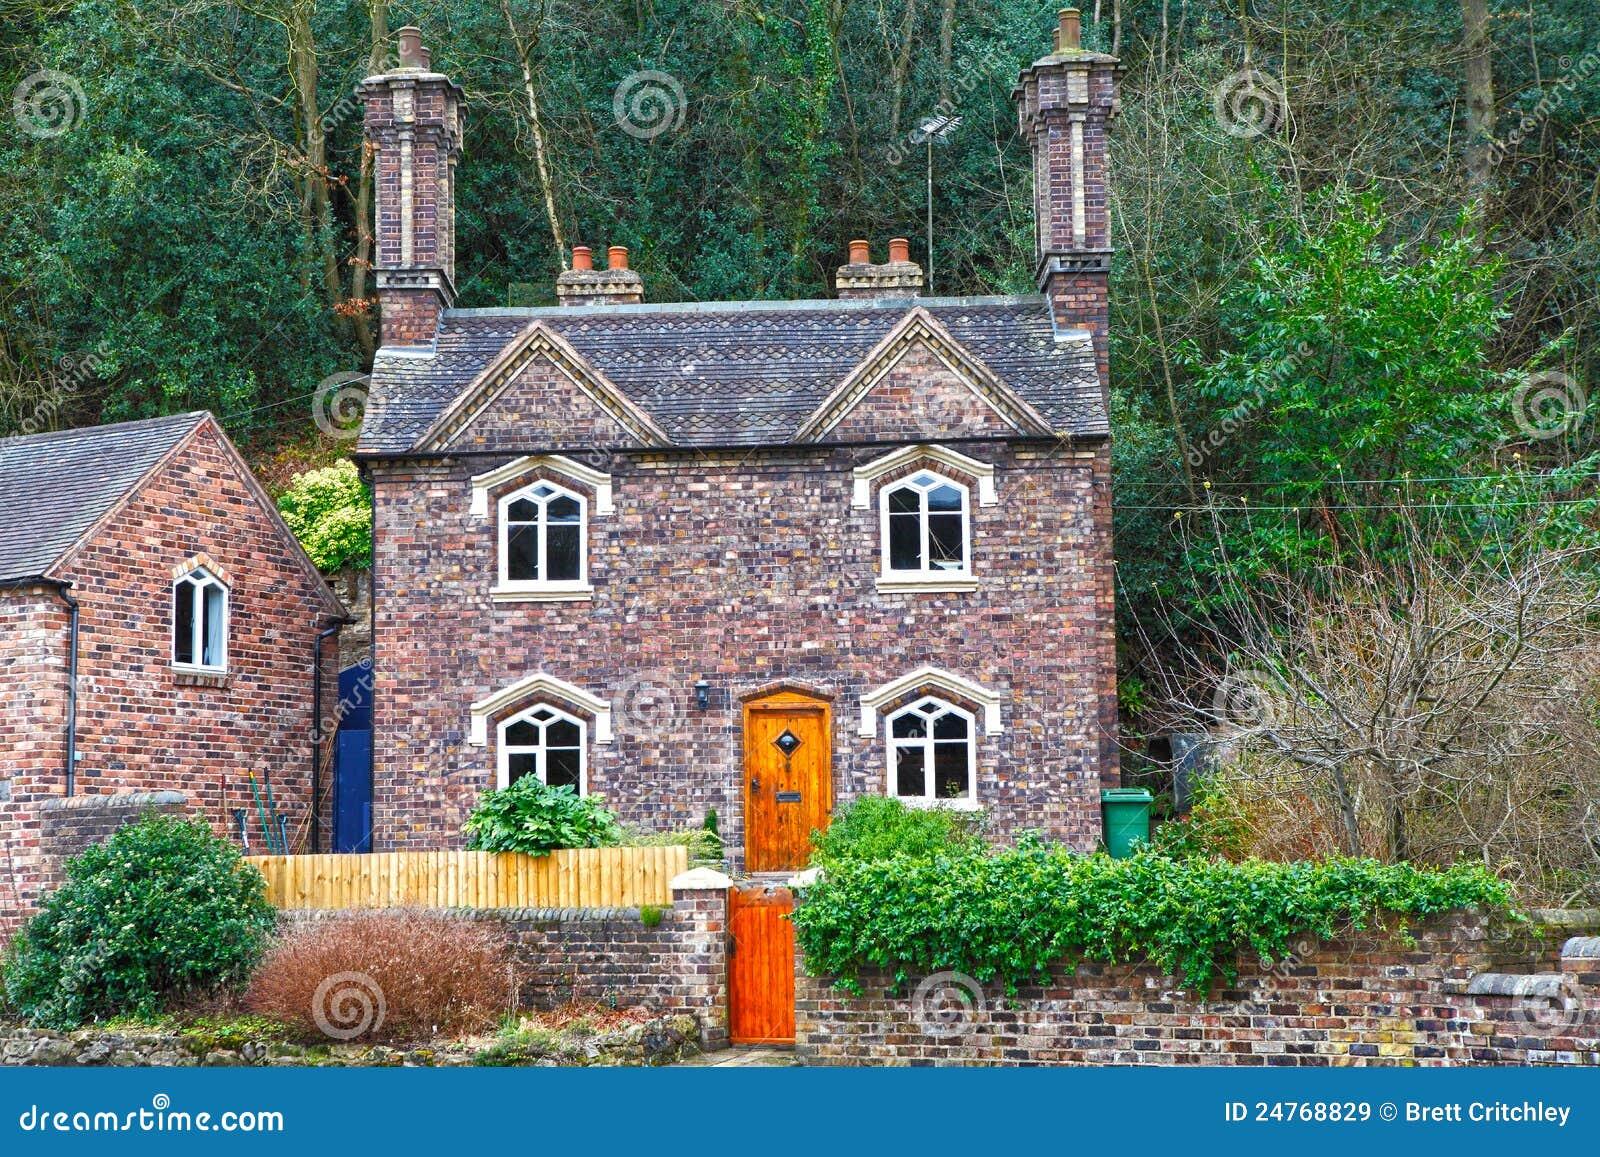 Maison anglaise de maison images libres de droits image 24768829 - Photo maison anglaise ...